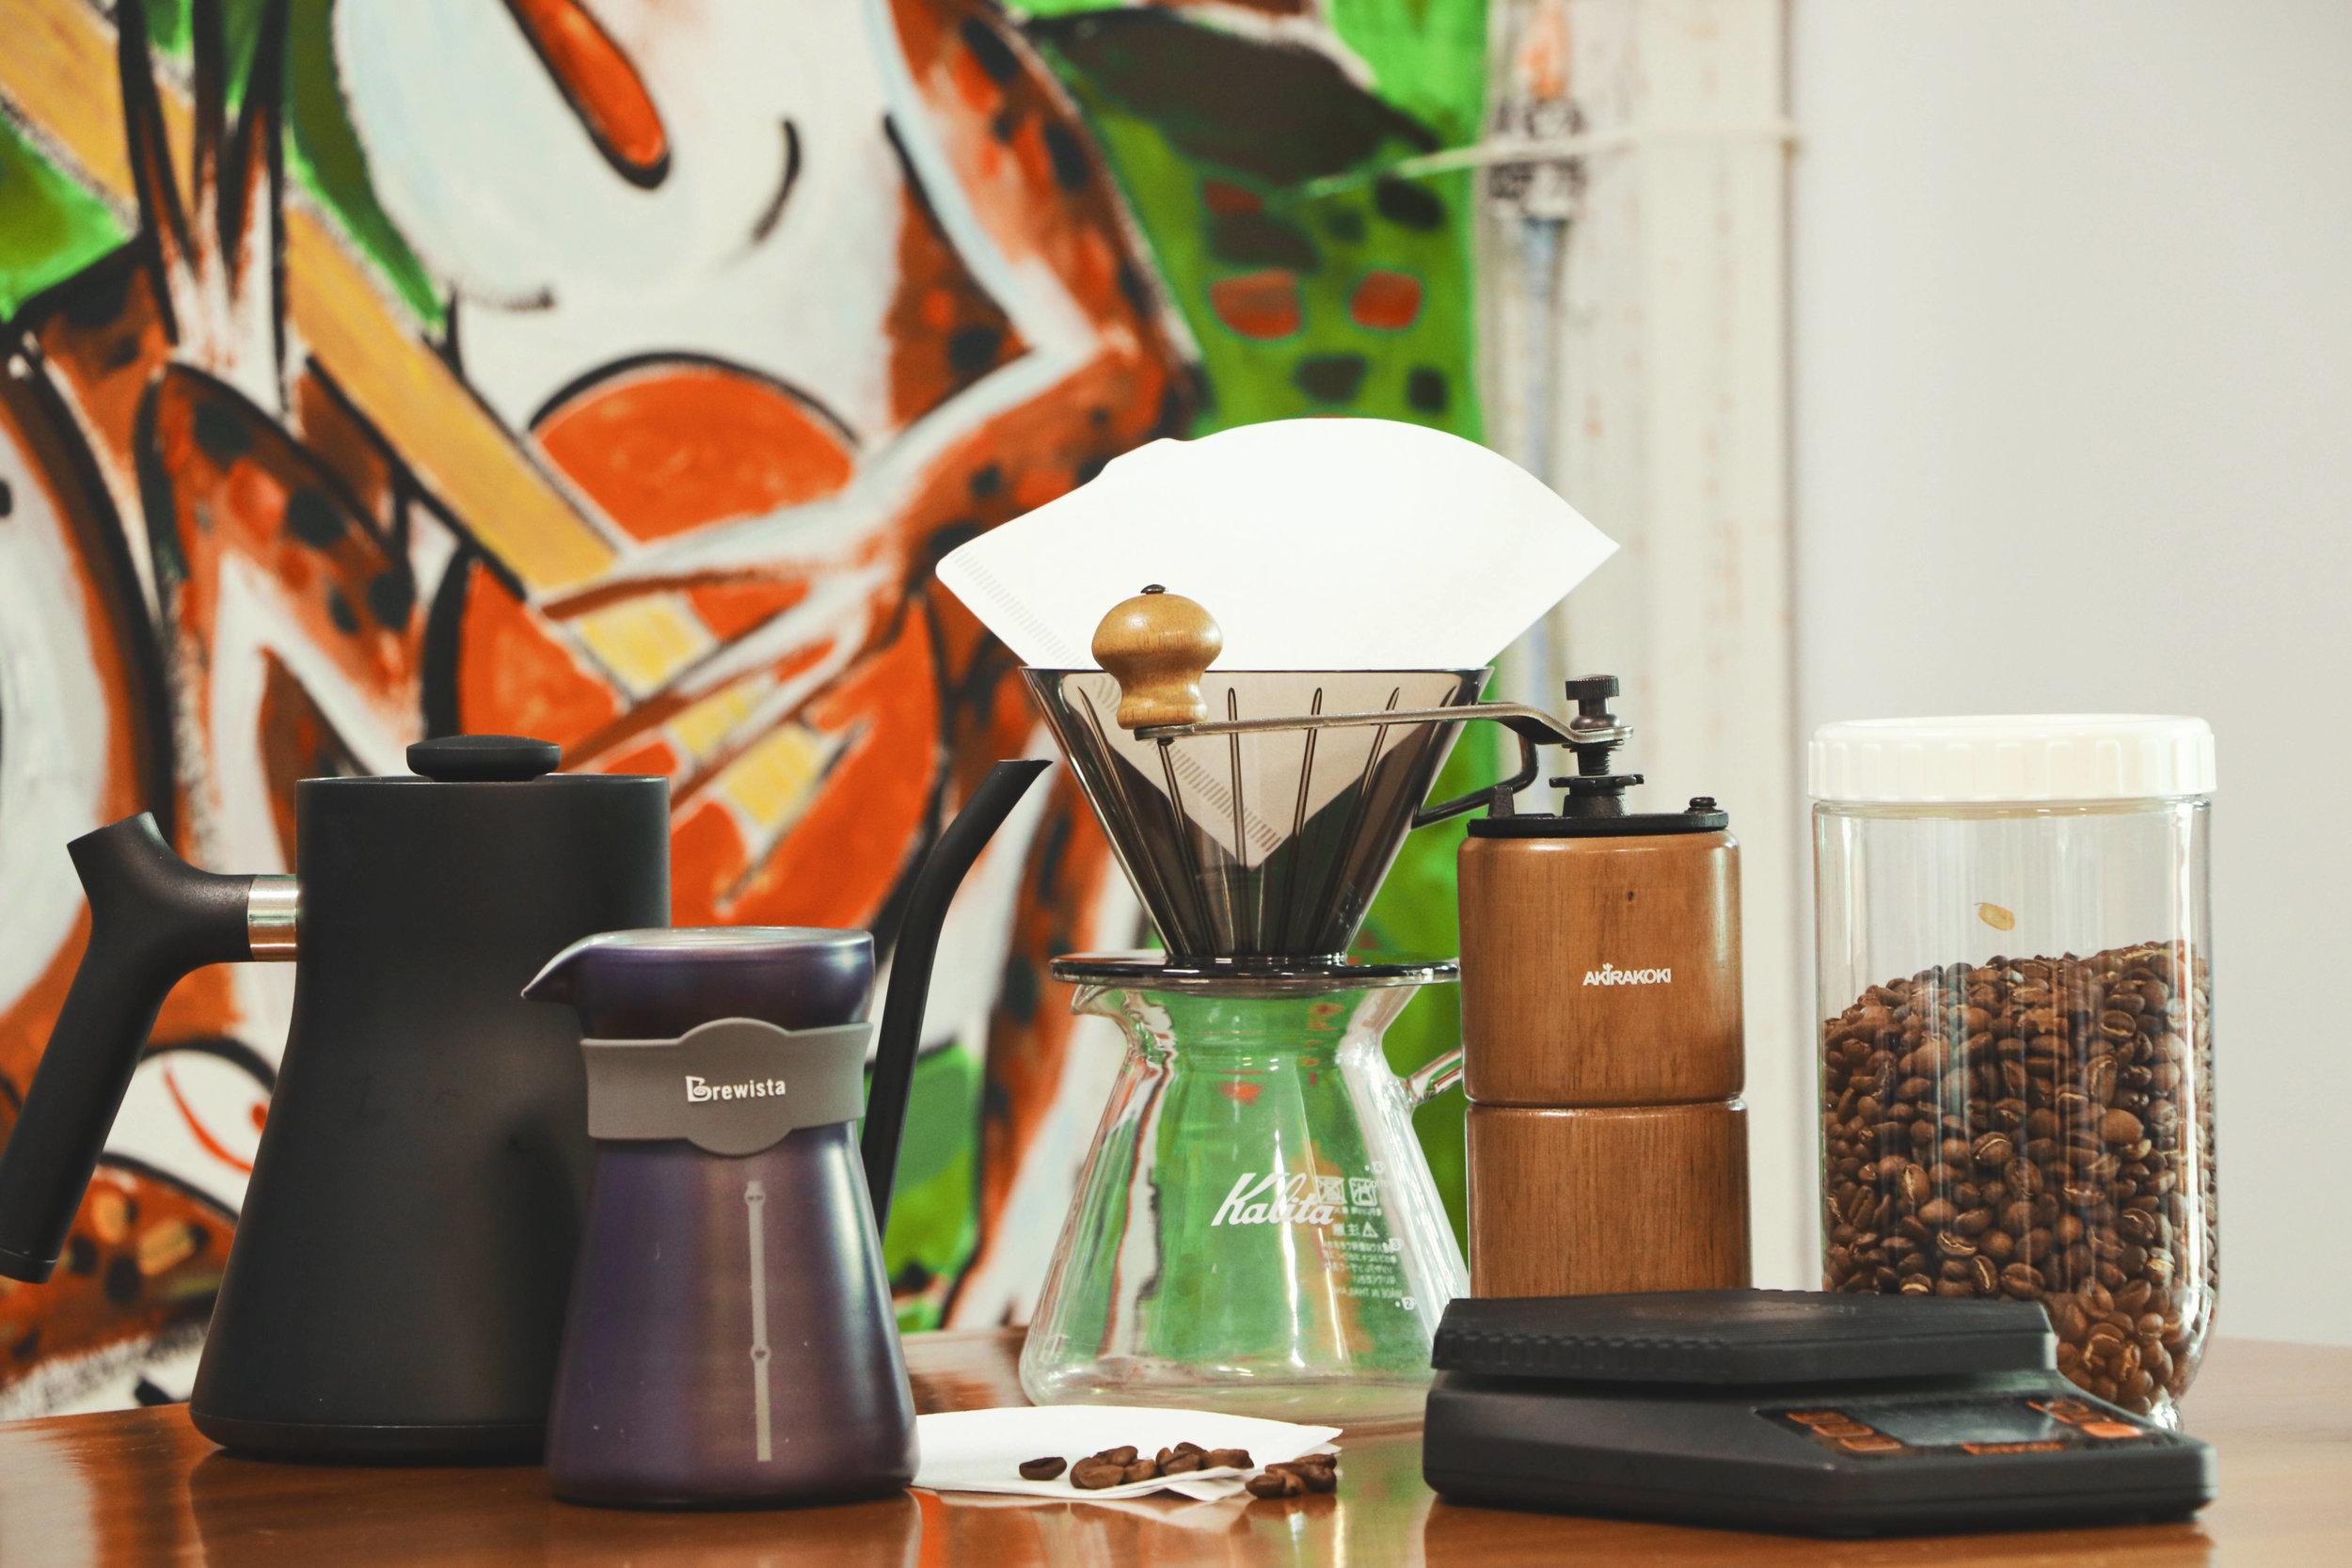 (从左至右 - 水壶,分享壶,滤纸,滤杯,手冲壶,手摇磨豆机,电子秤,豆子)